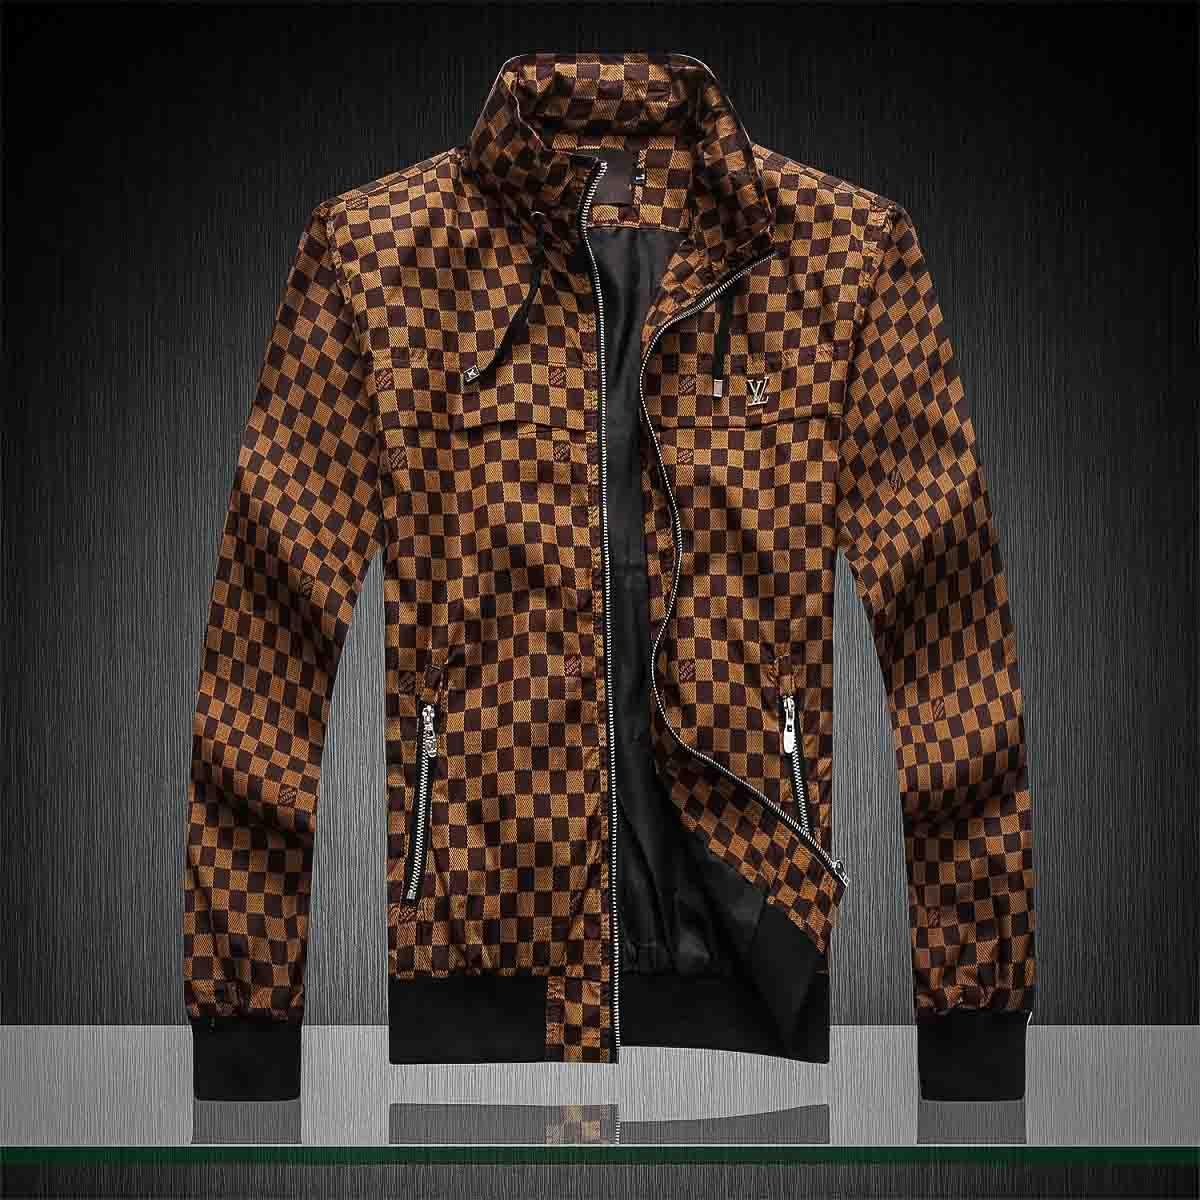 2020 New Style Designer Men Jacket Casaco de Inverno Luxo Homens Mulheres manga comprida Outdoor Vestuário Homens Vestuário Roupas Femininas medusa Jacket M-3XL